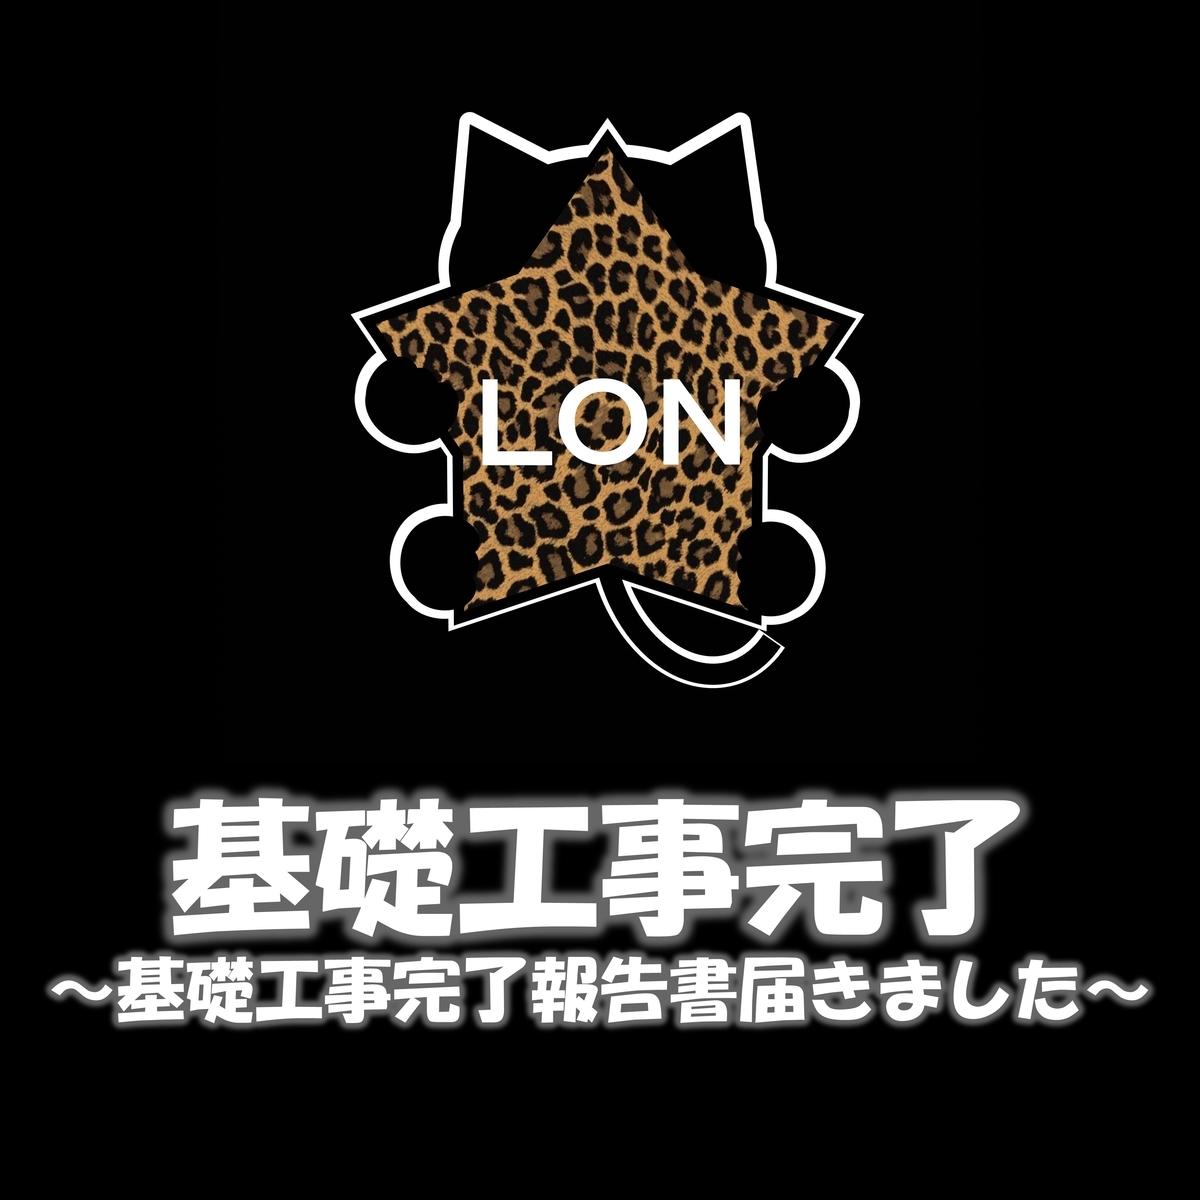 f:id:lon_blackcat:20201114235827j:plain